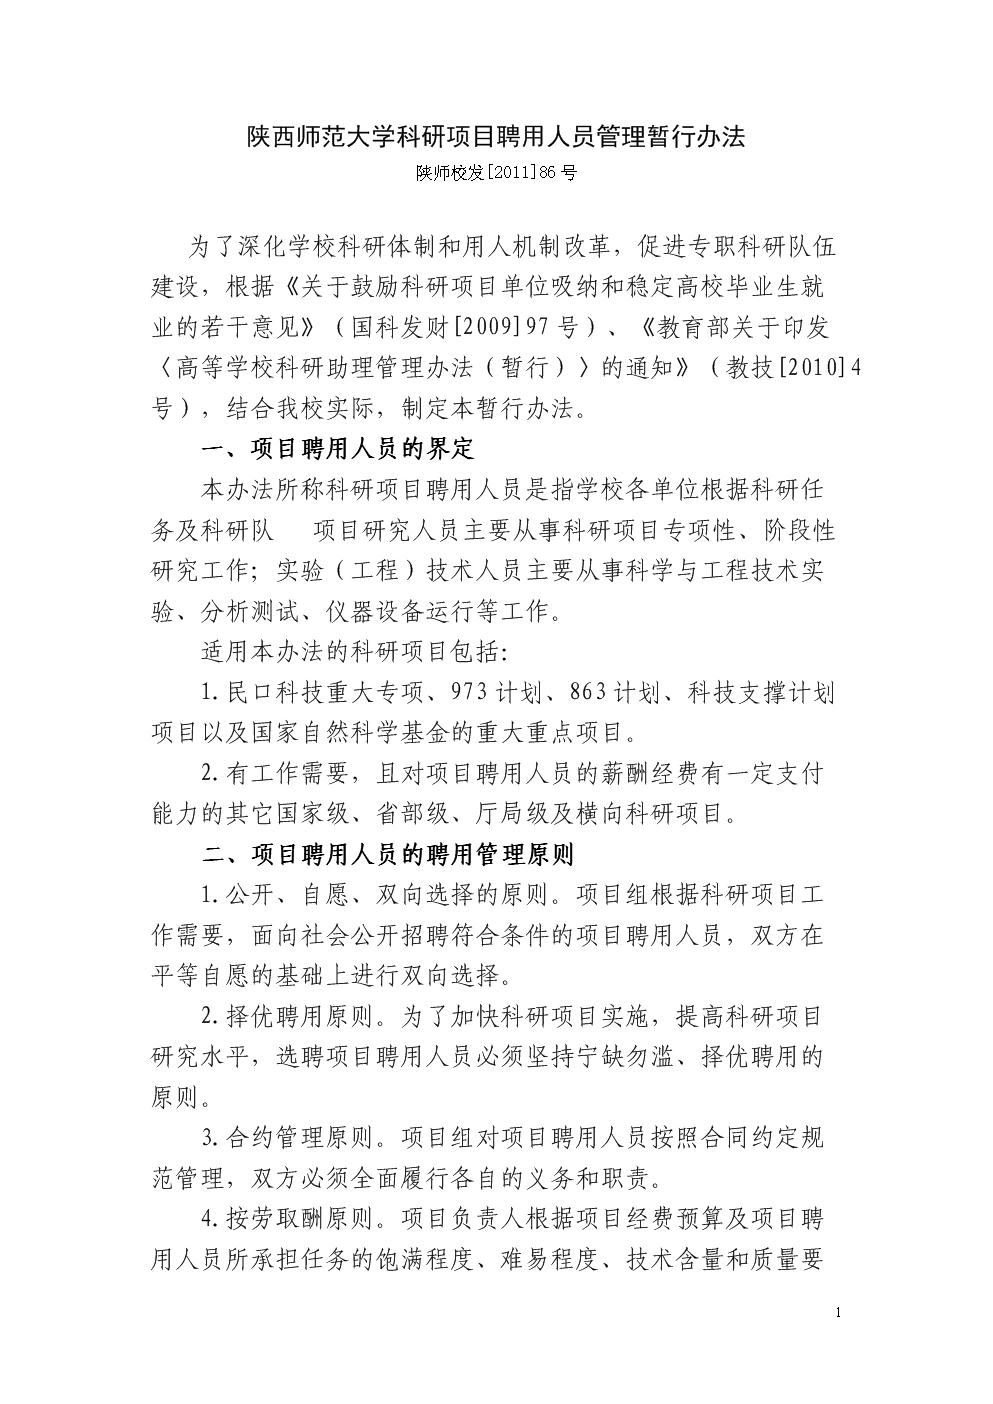 陕西师范大学科研项目聘用人员管理暂行办法.doc